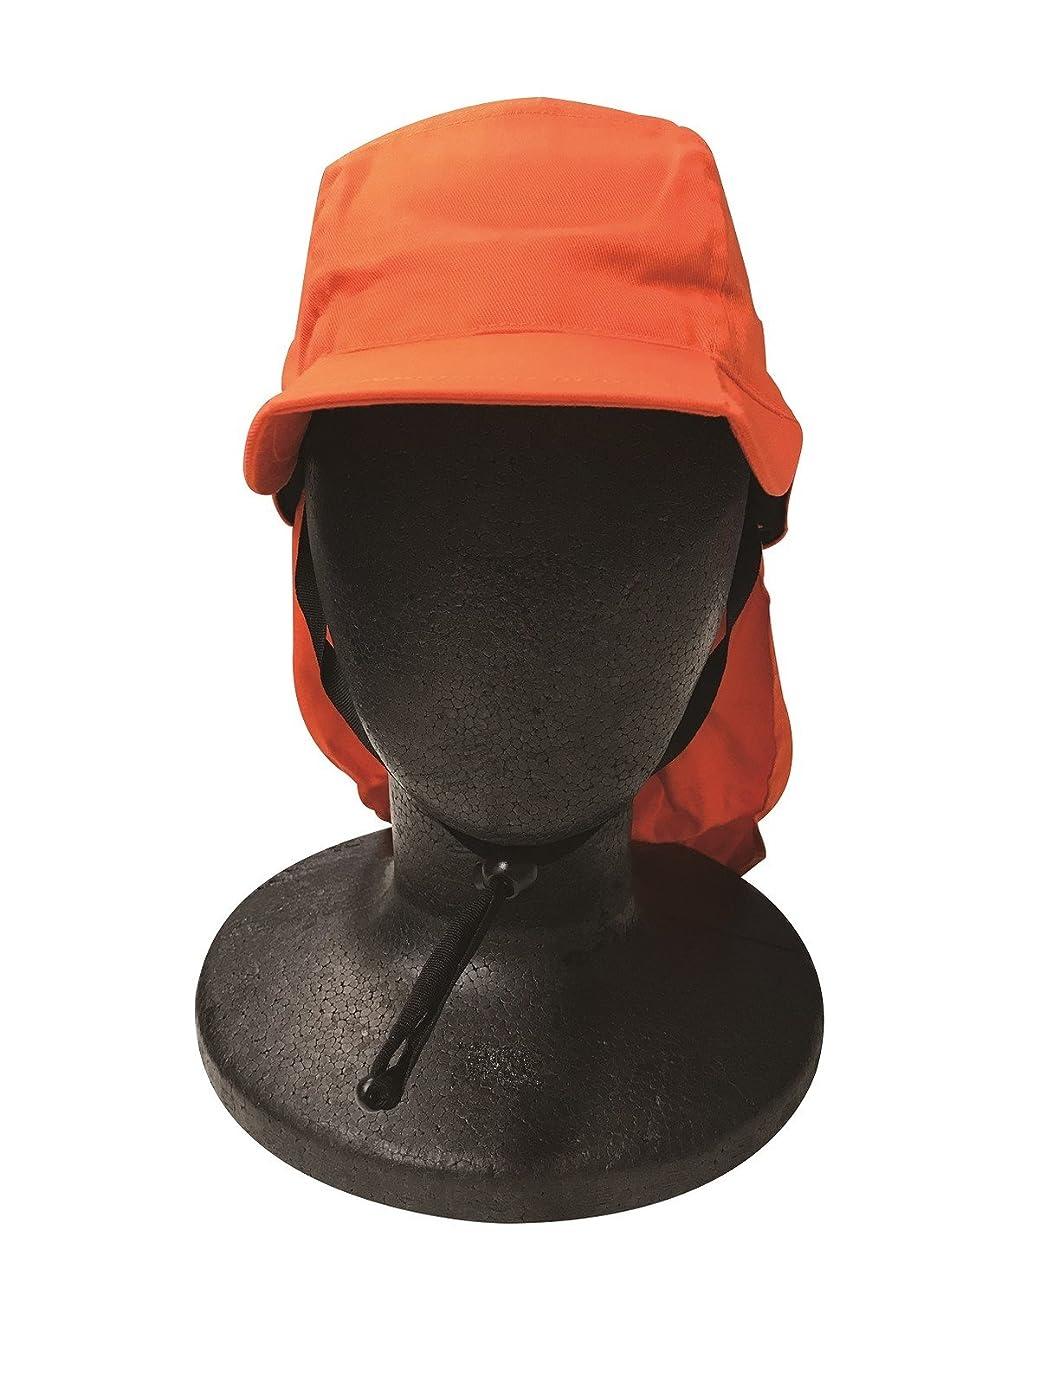 出しますキリマンジャロ上へ山善(YAMAZEN) 防災帽子 防災用 耐衝撃プロテクター 防炎 衝撃吸収 耐貫通性 YBC-56